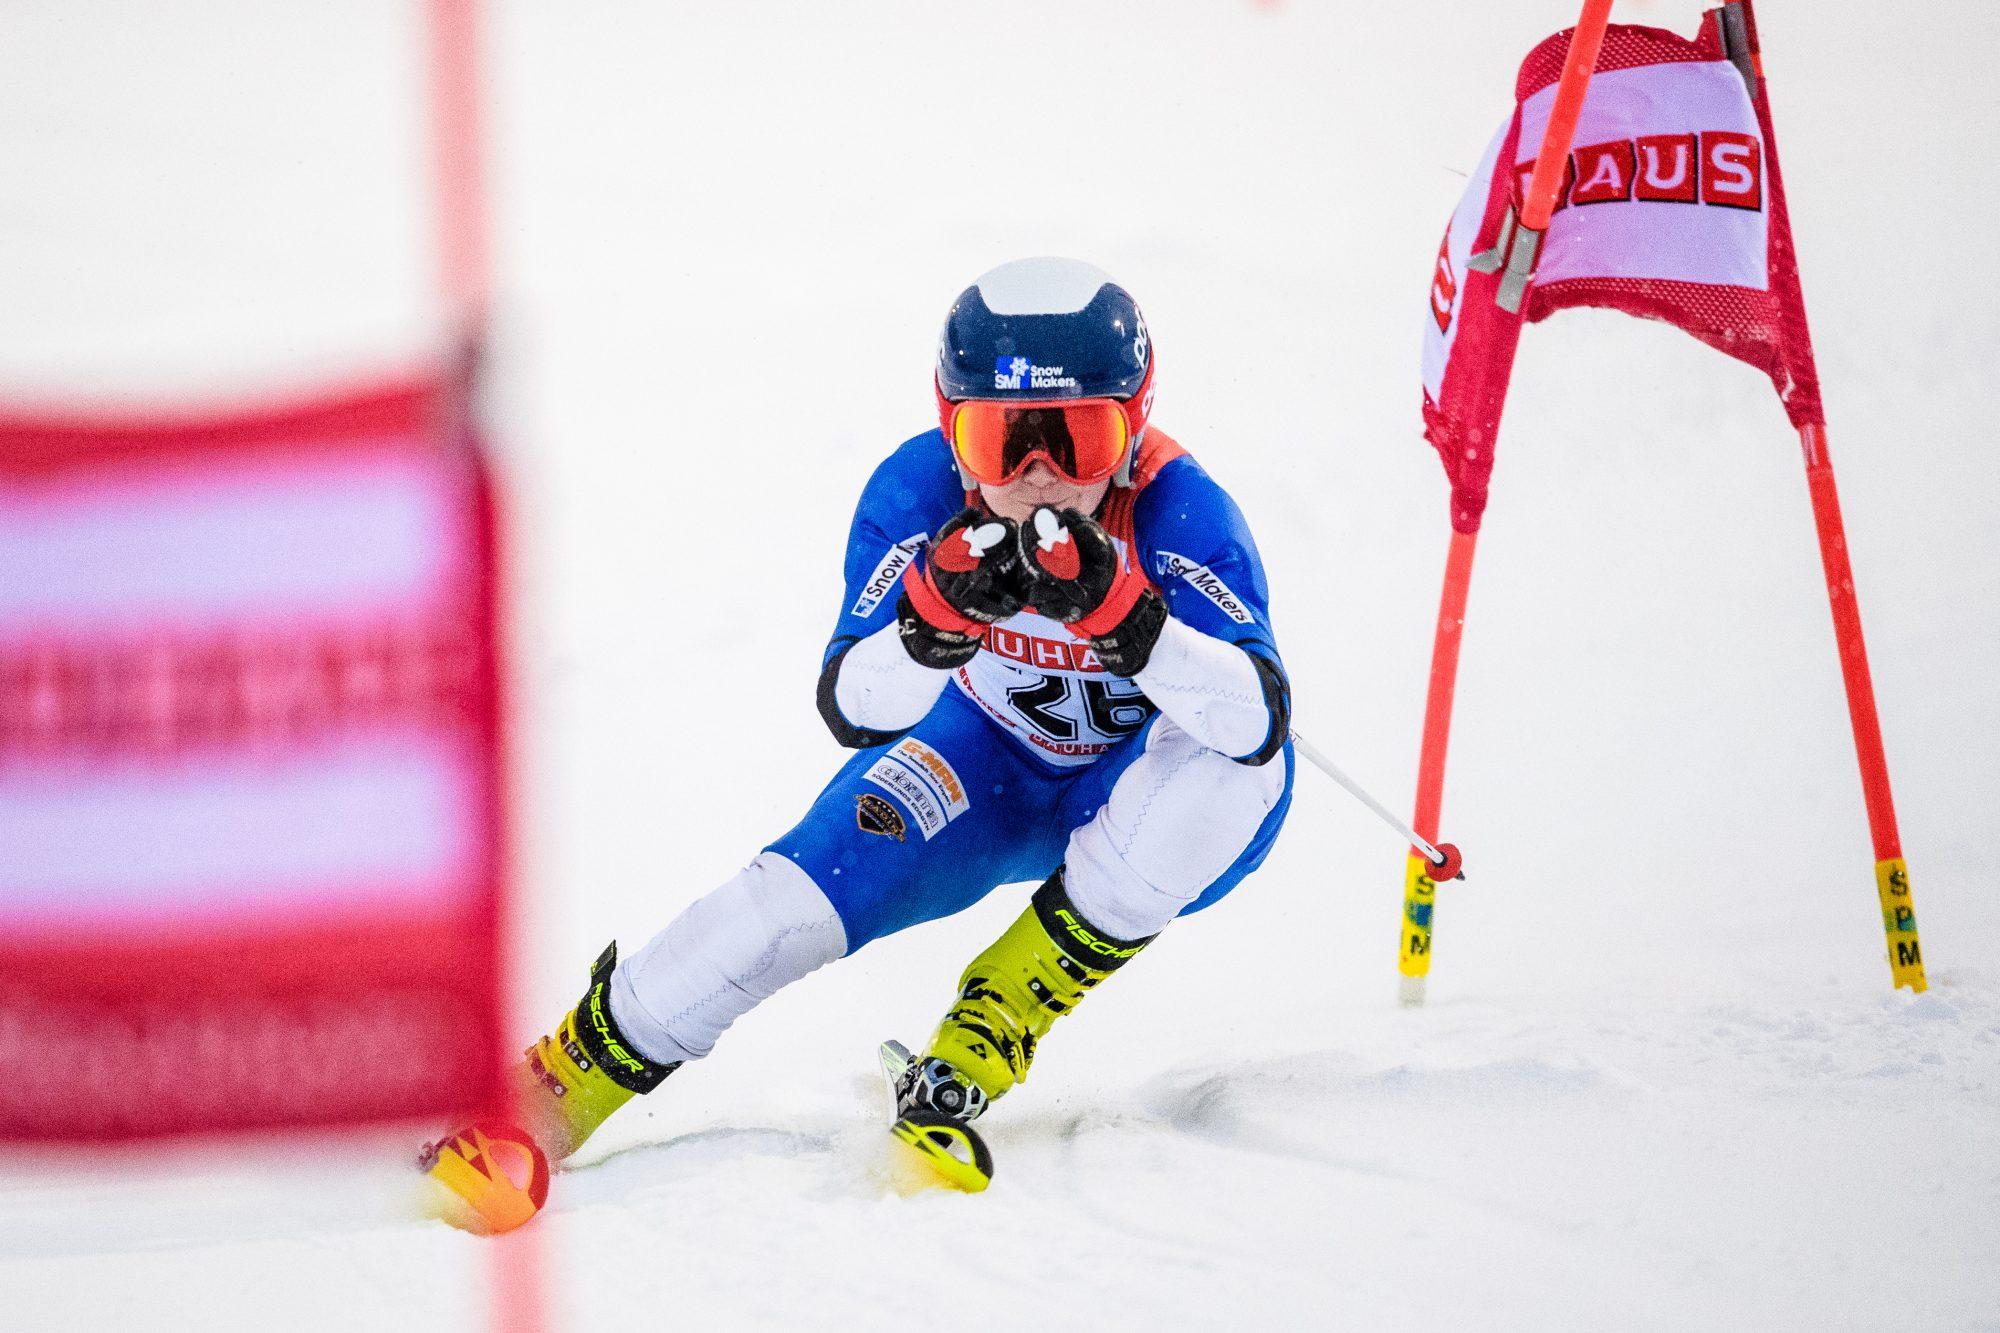 Louise Wedin, Edsbyns IF Alpina Fšrening, tŠvlar i parallellslalom under dag 5 av SM-veckan den 1 februari 2019 i Sundsvall.